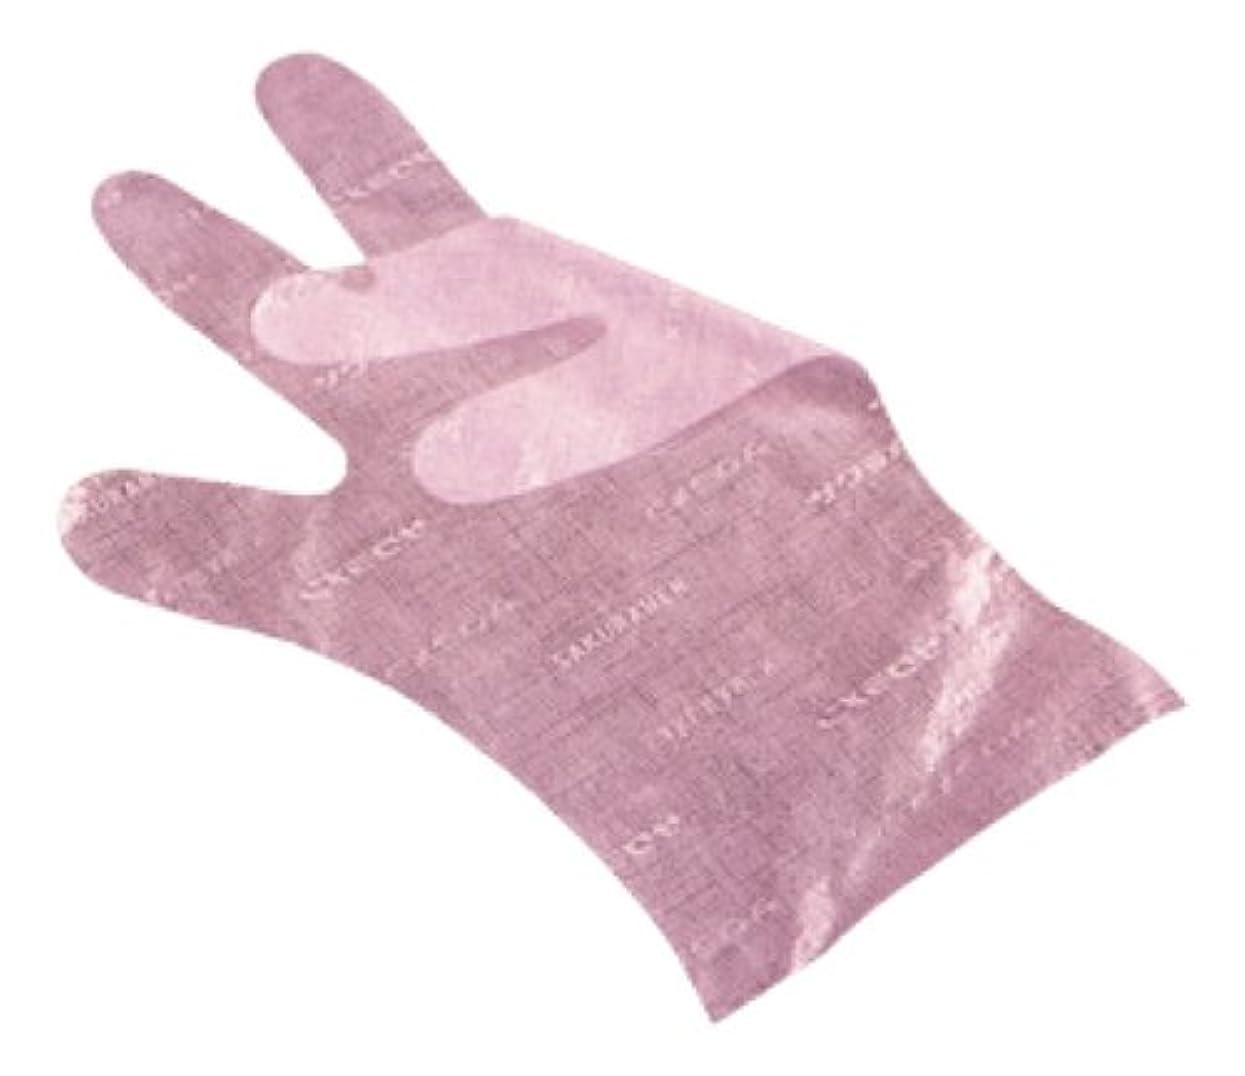 そこ一緒にちょっと待ってサクラメン手袋 デラックス(100枚入)M ピンク 35μ